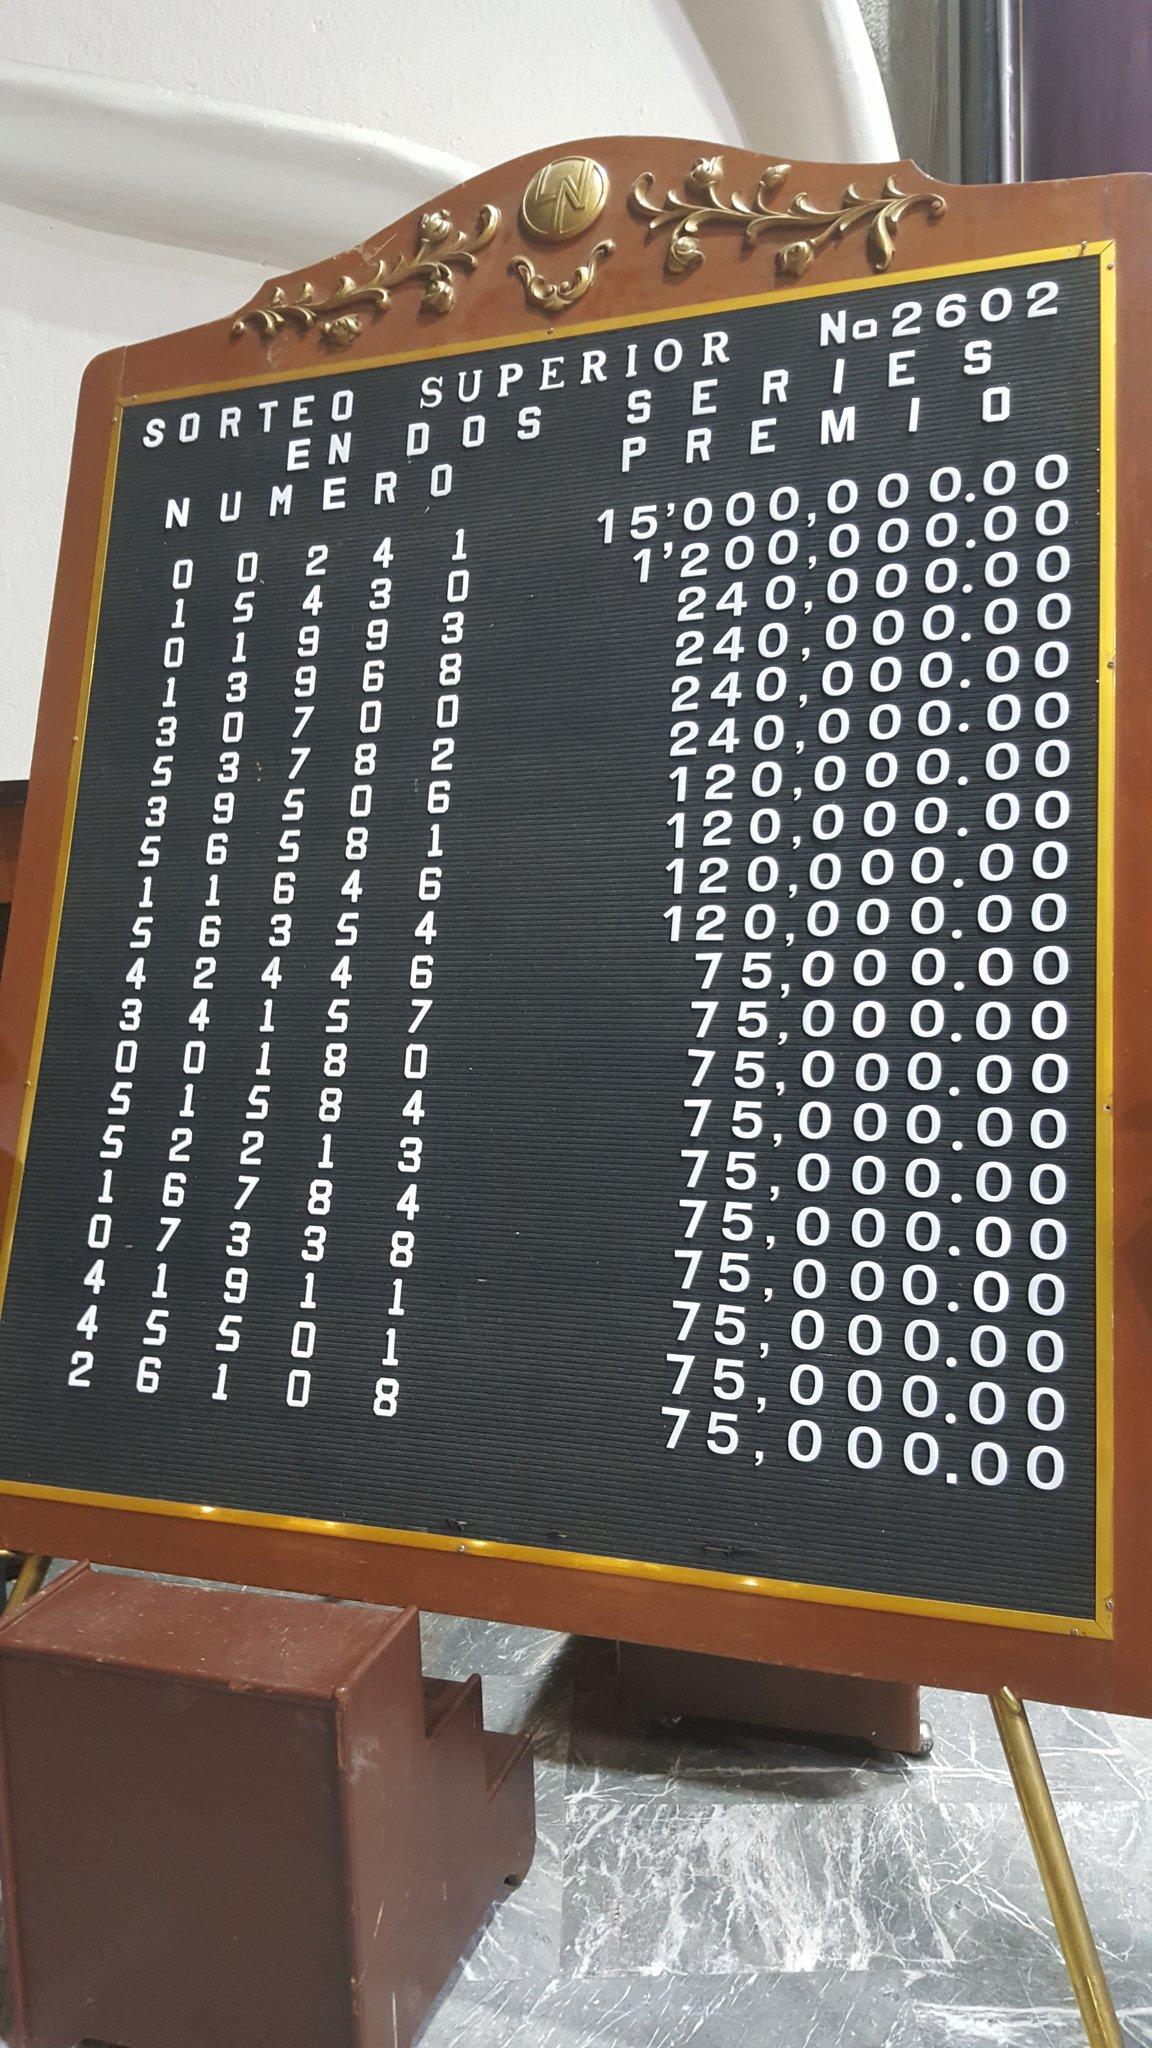 Resultados sorteo superior 2602